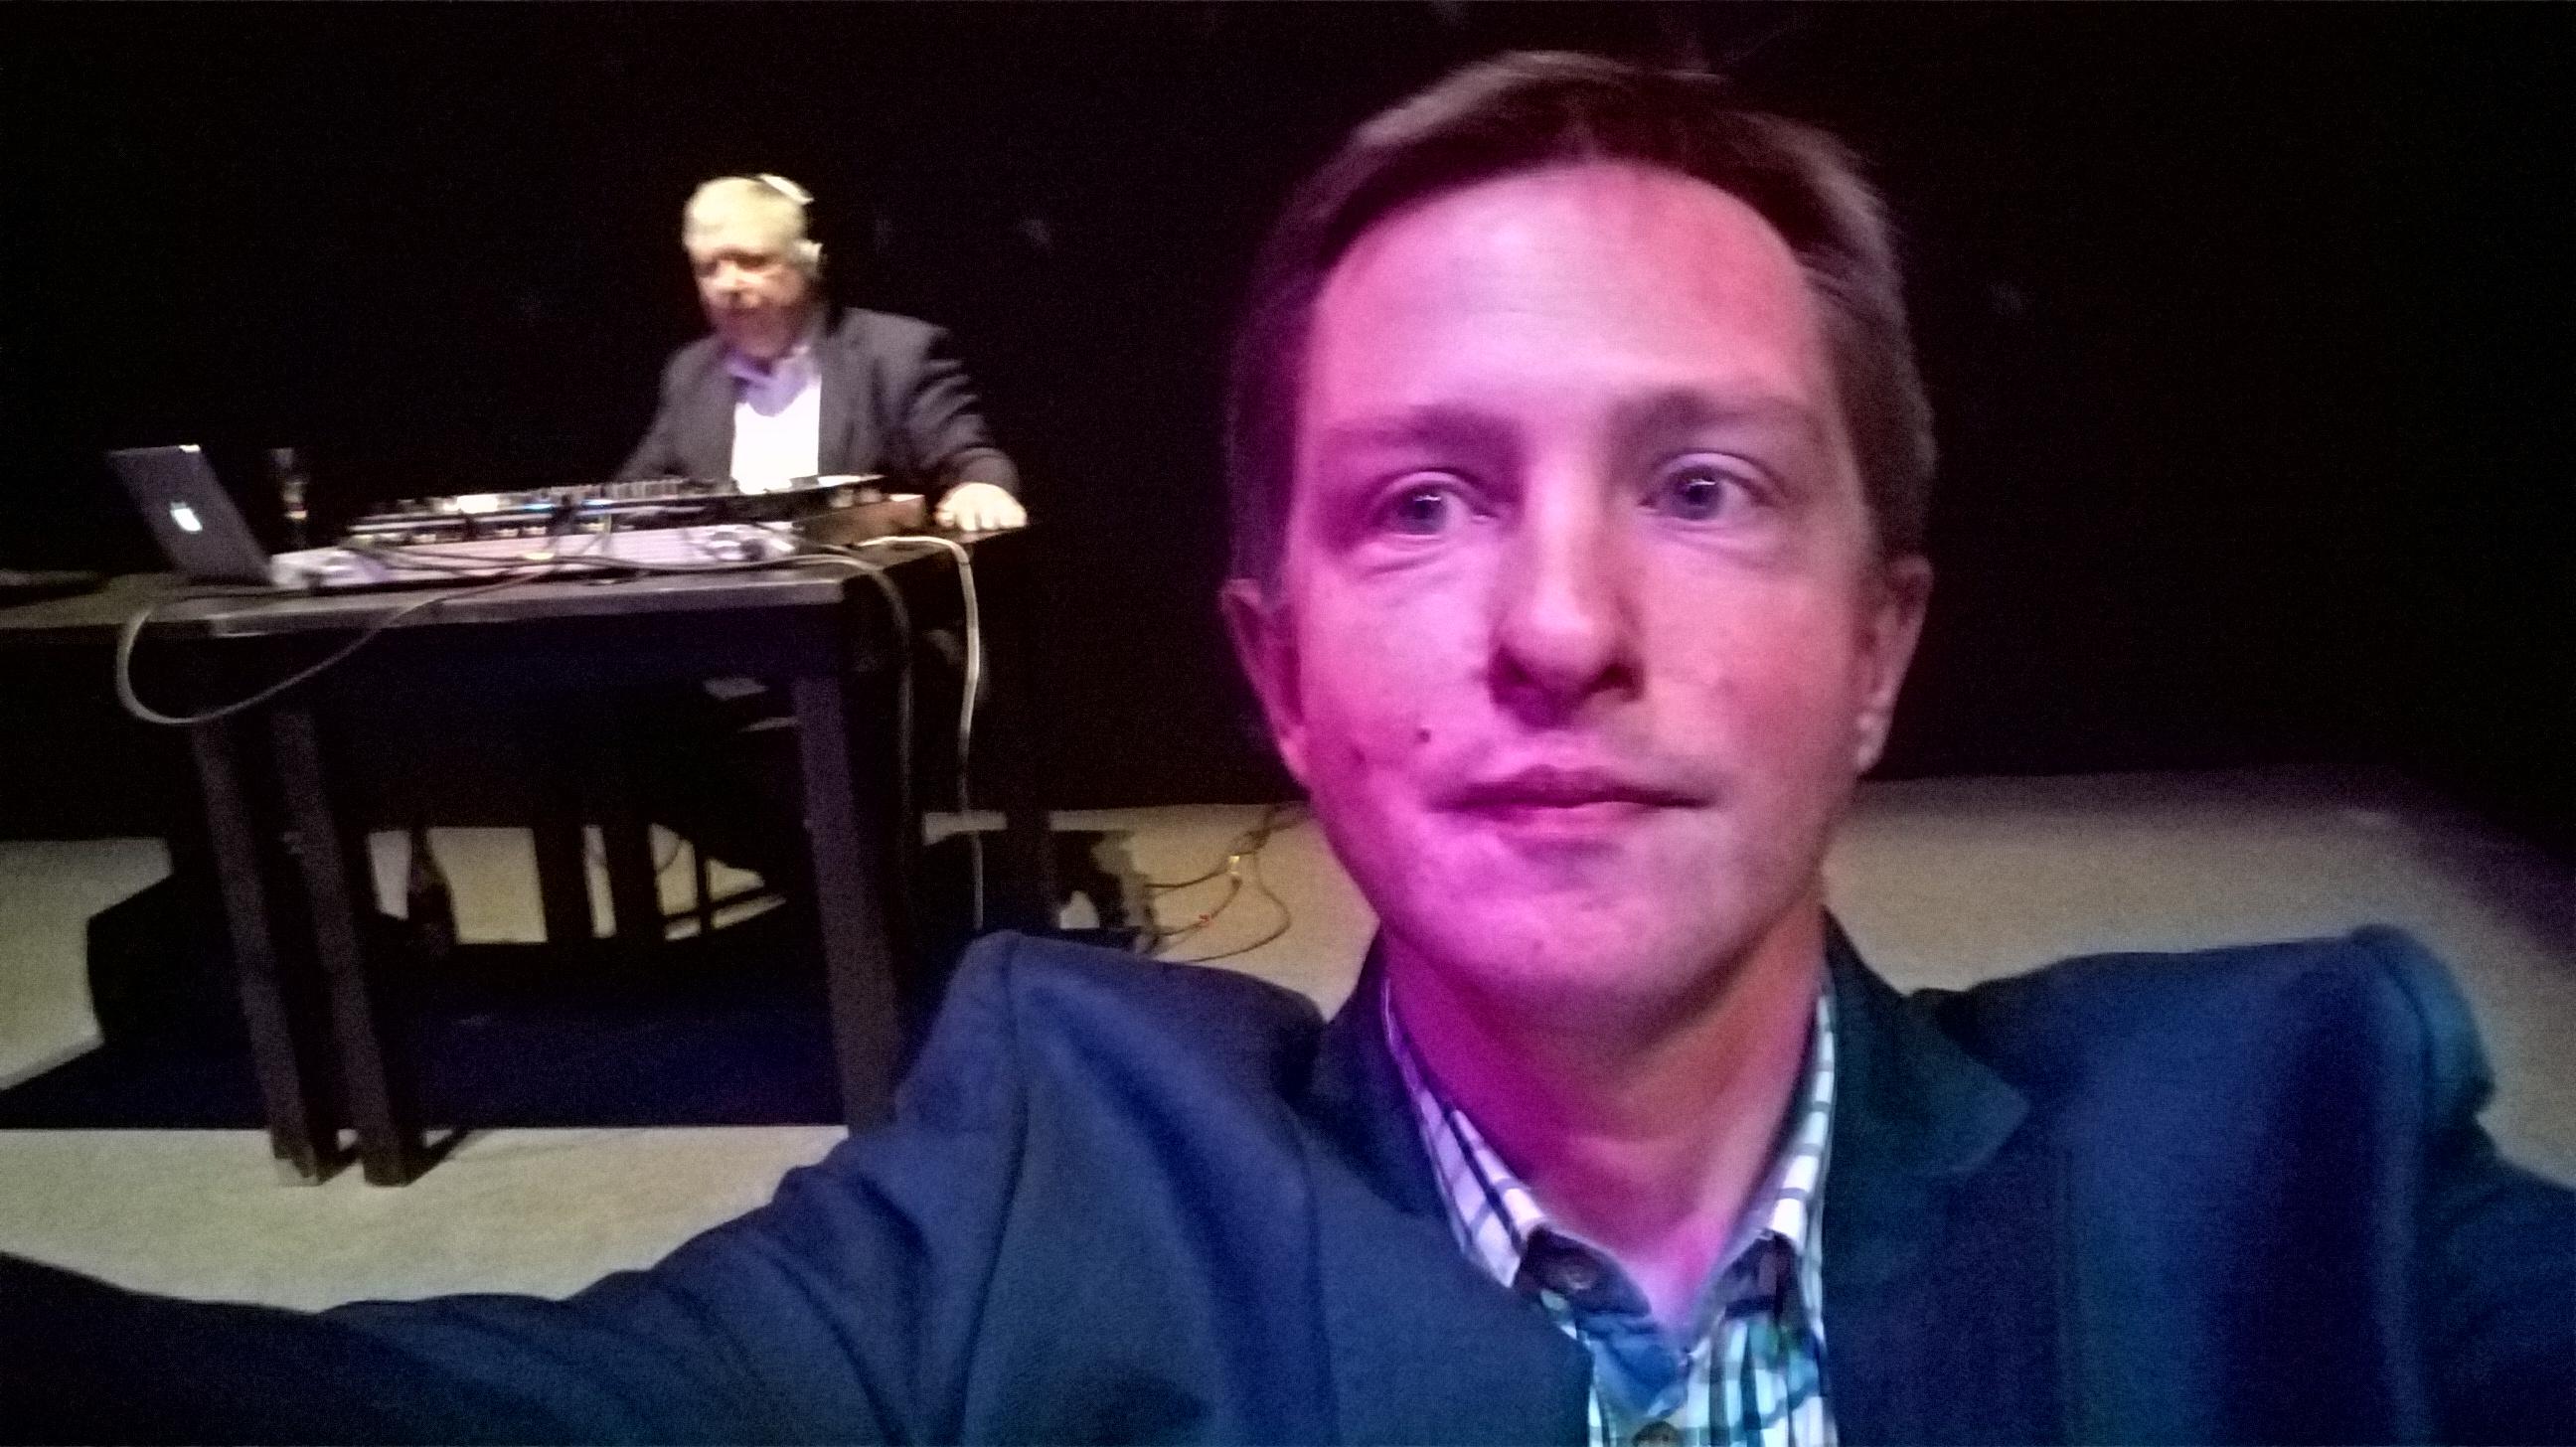 Selfie with Marek Sierocki